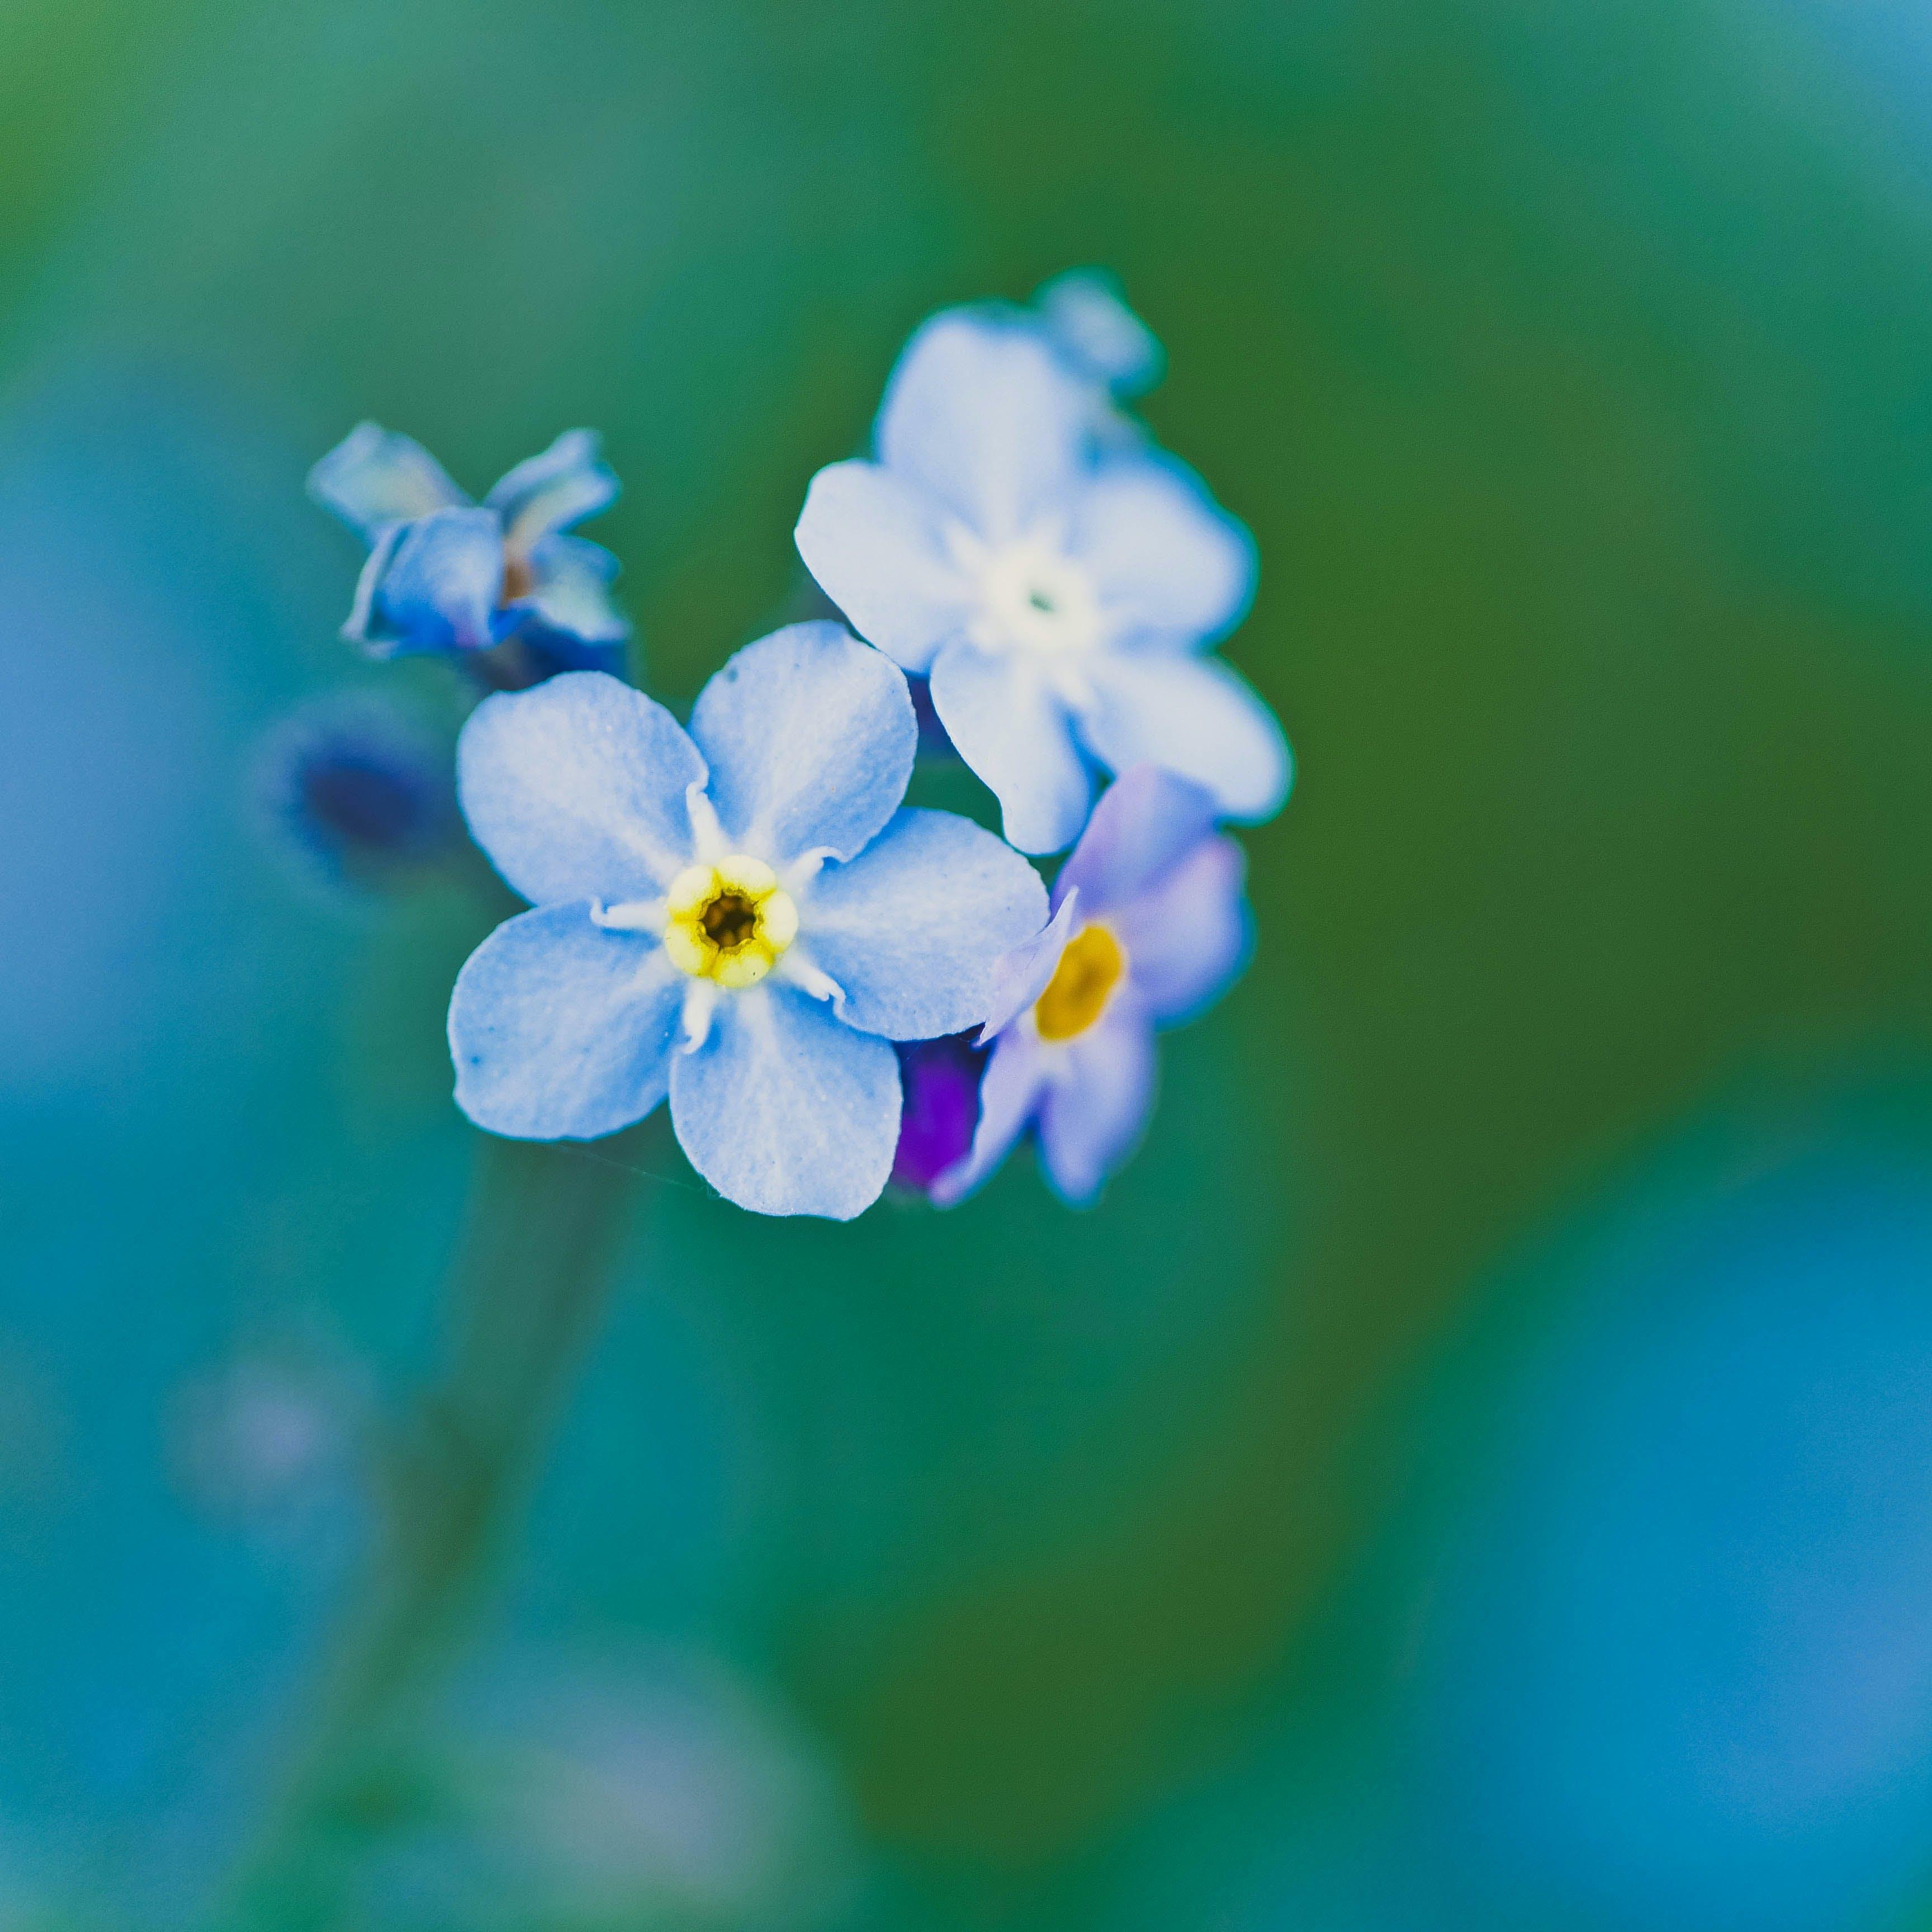 꽃, 꽃이 피는, 꽃잎, 블루의 무료 스톡 사진